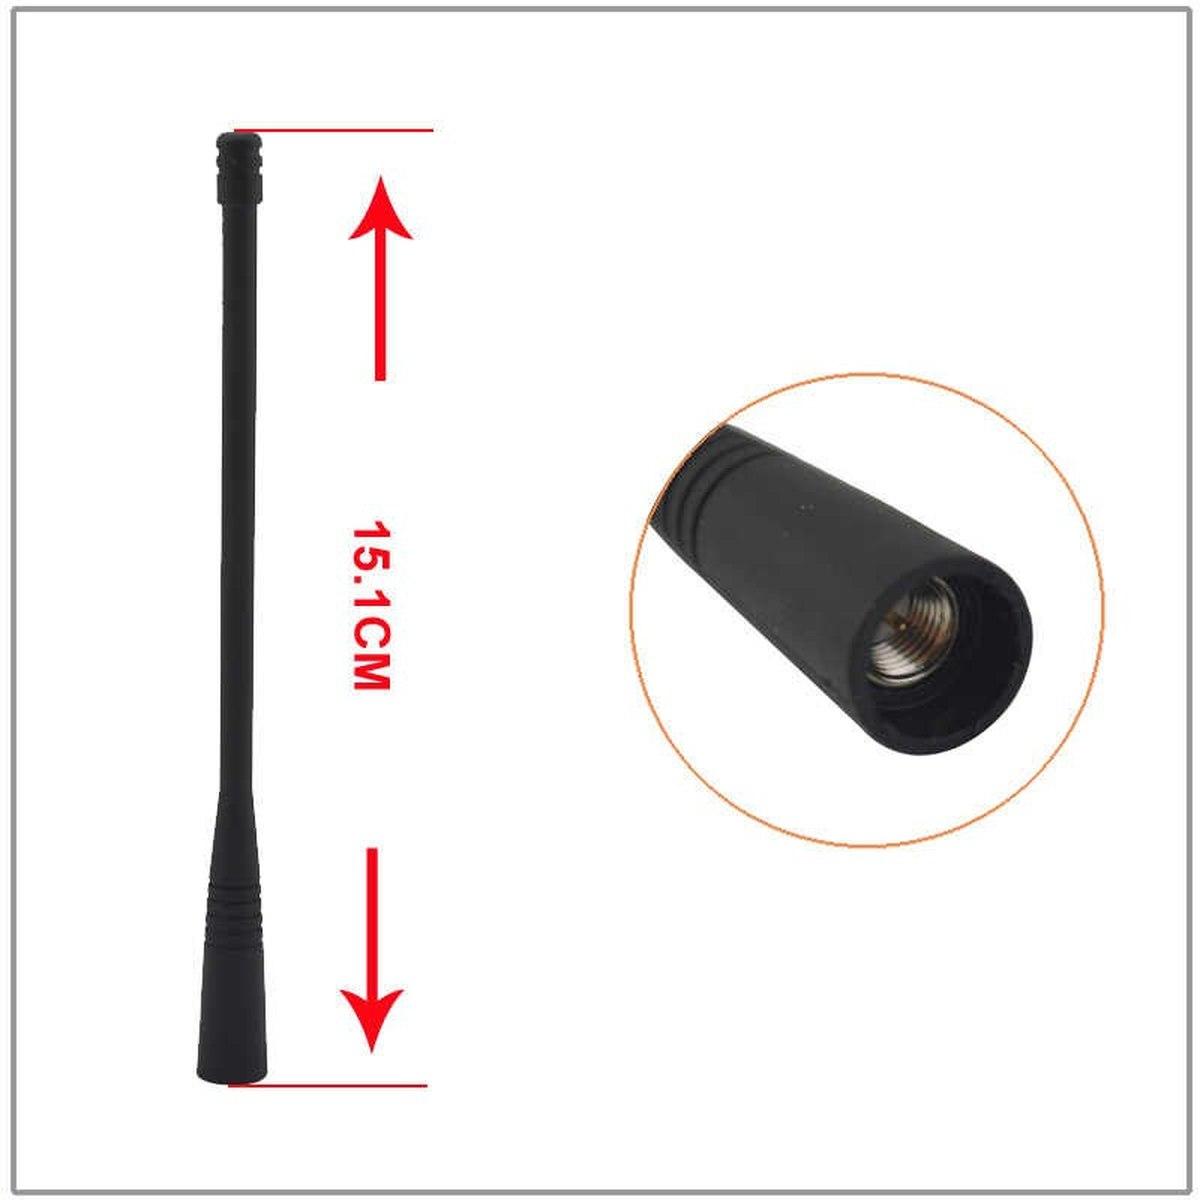 Antena Motorola para radio EVX-S24 UHF tipo látigo ATU-6C